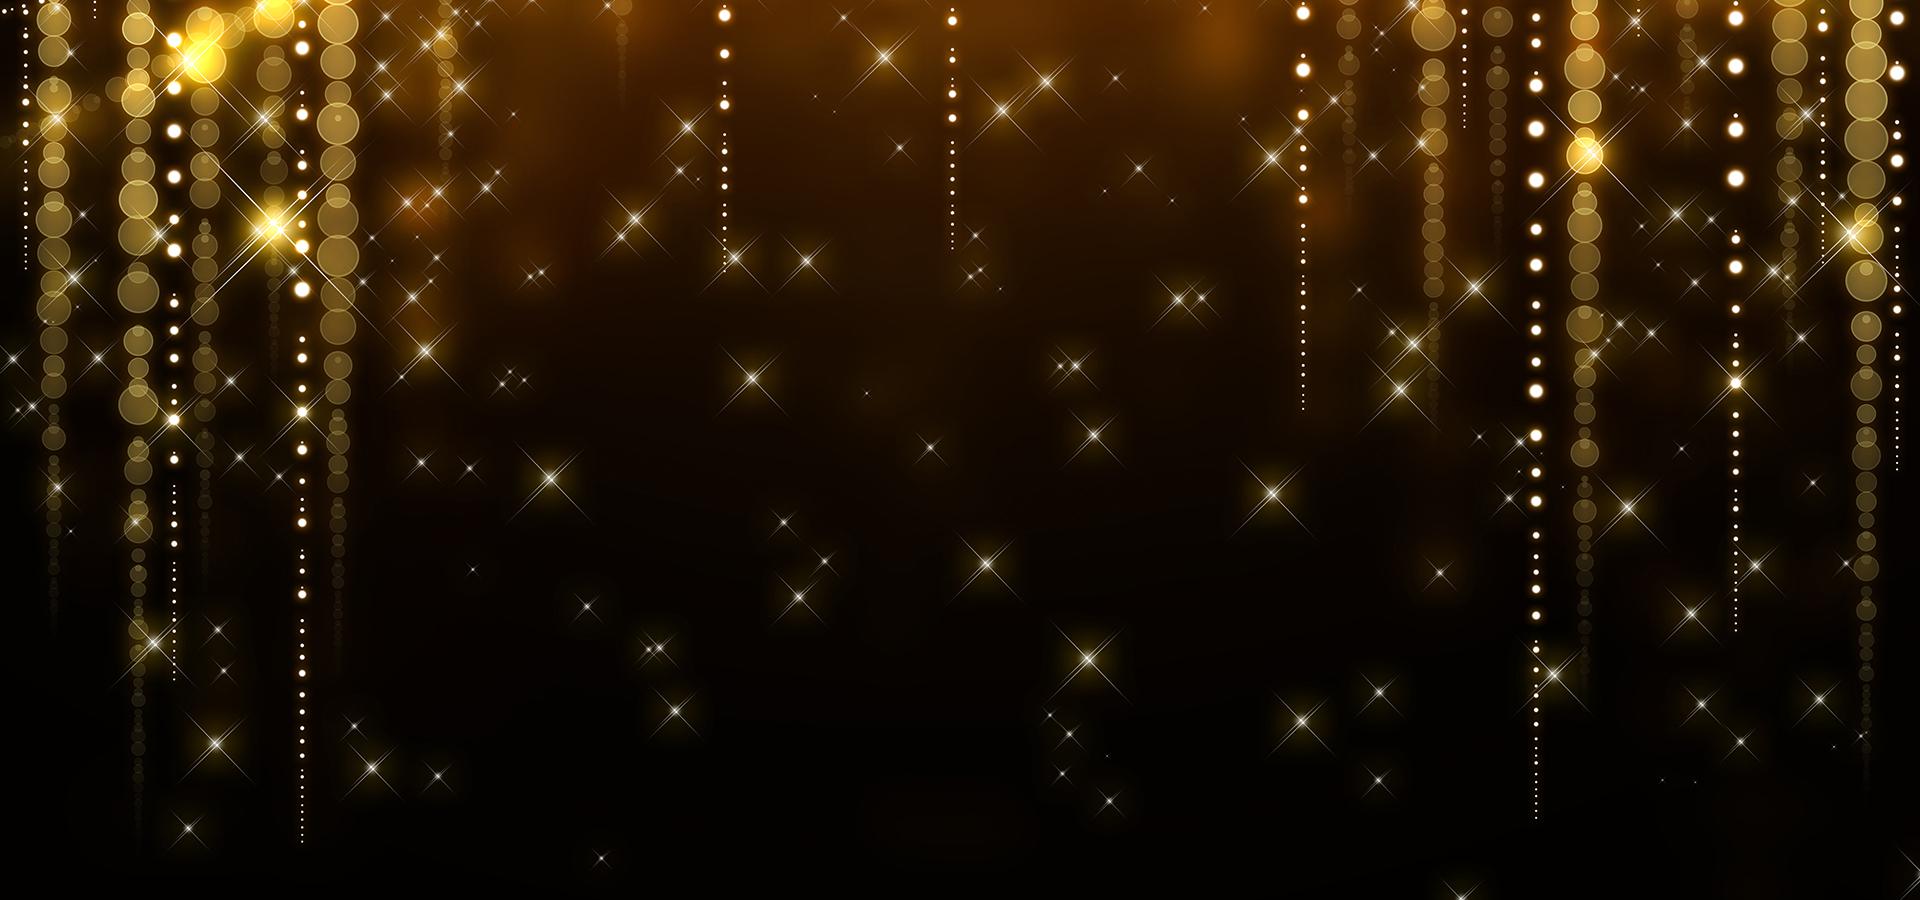 tela de ara u00f1a telara u00f1a web trampa antecedentes la noche